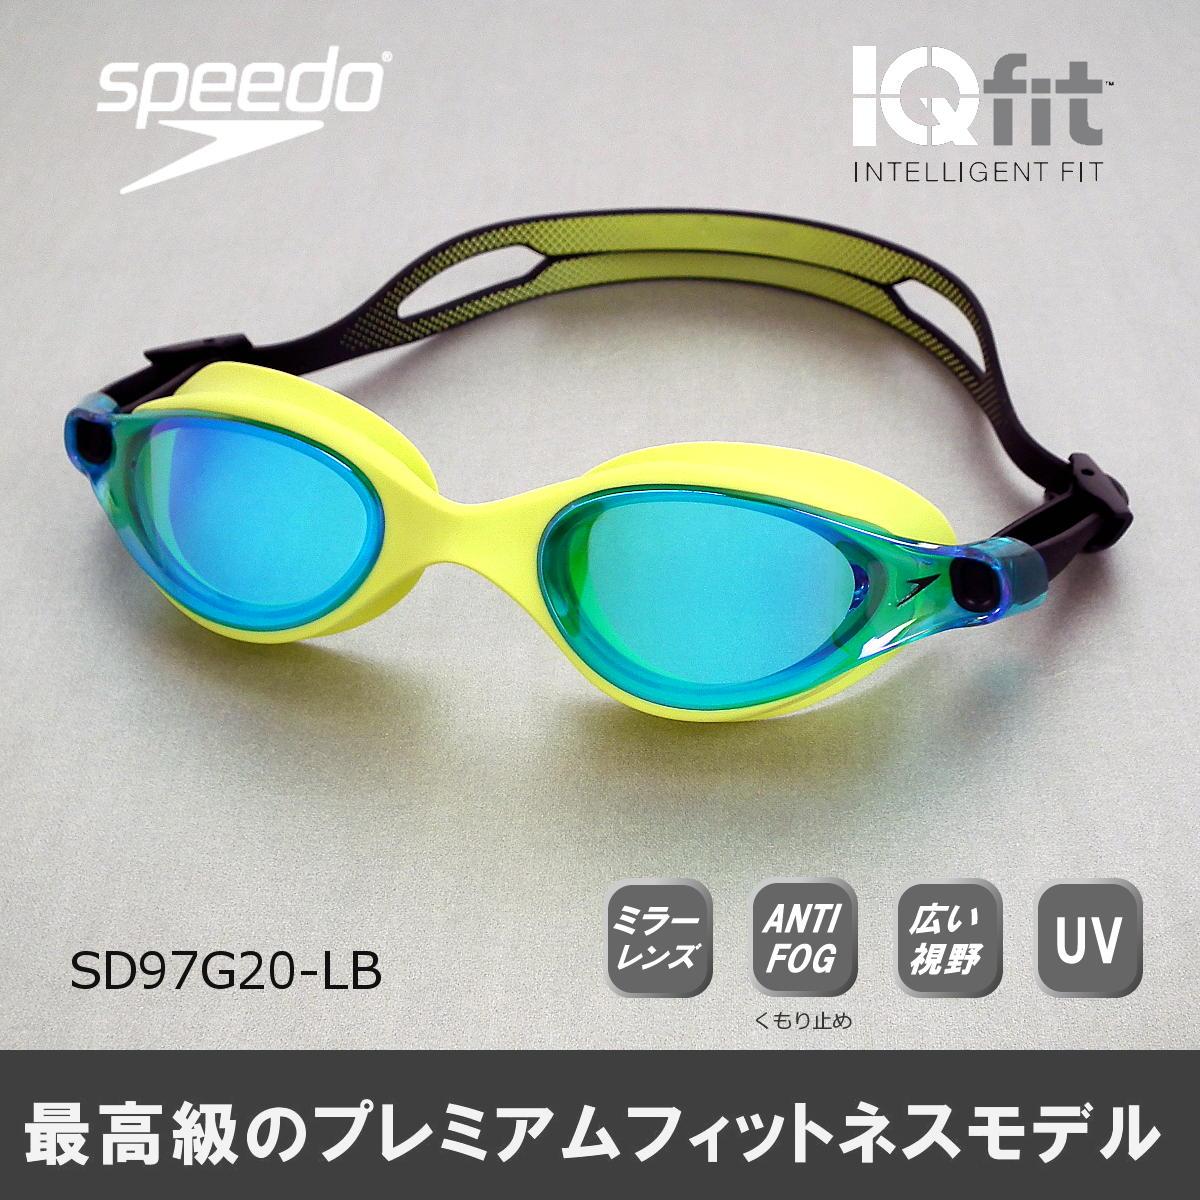 【スイムゴーグル】SPEEDO スピード クッションパッド付き スイミングゴーグル ミラータイプ Vue ヴューゴーグル 水泳 SD97G20-LB